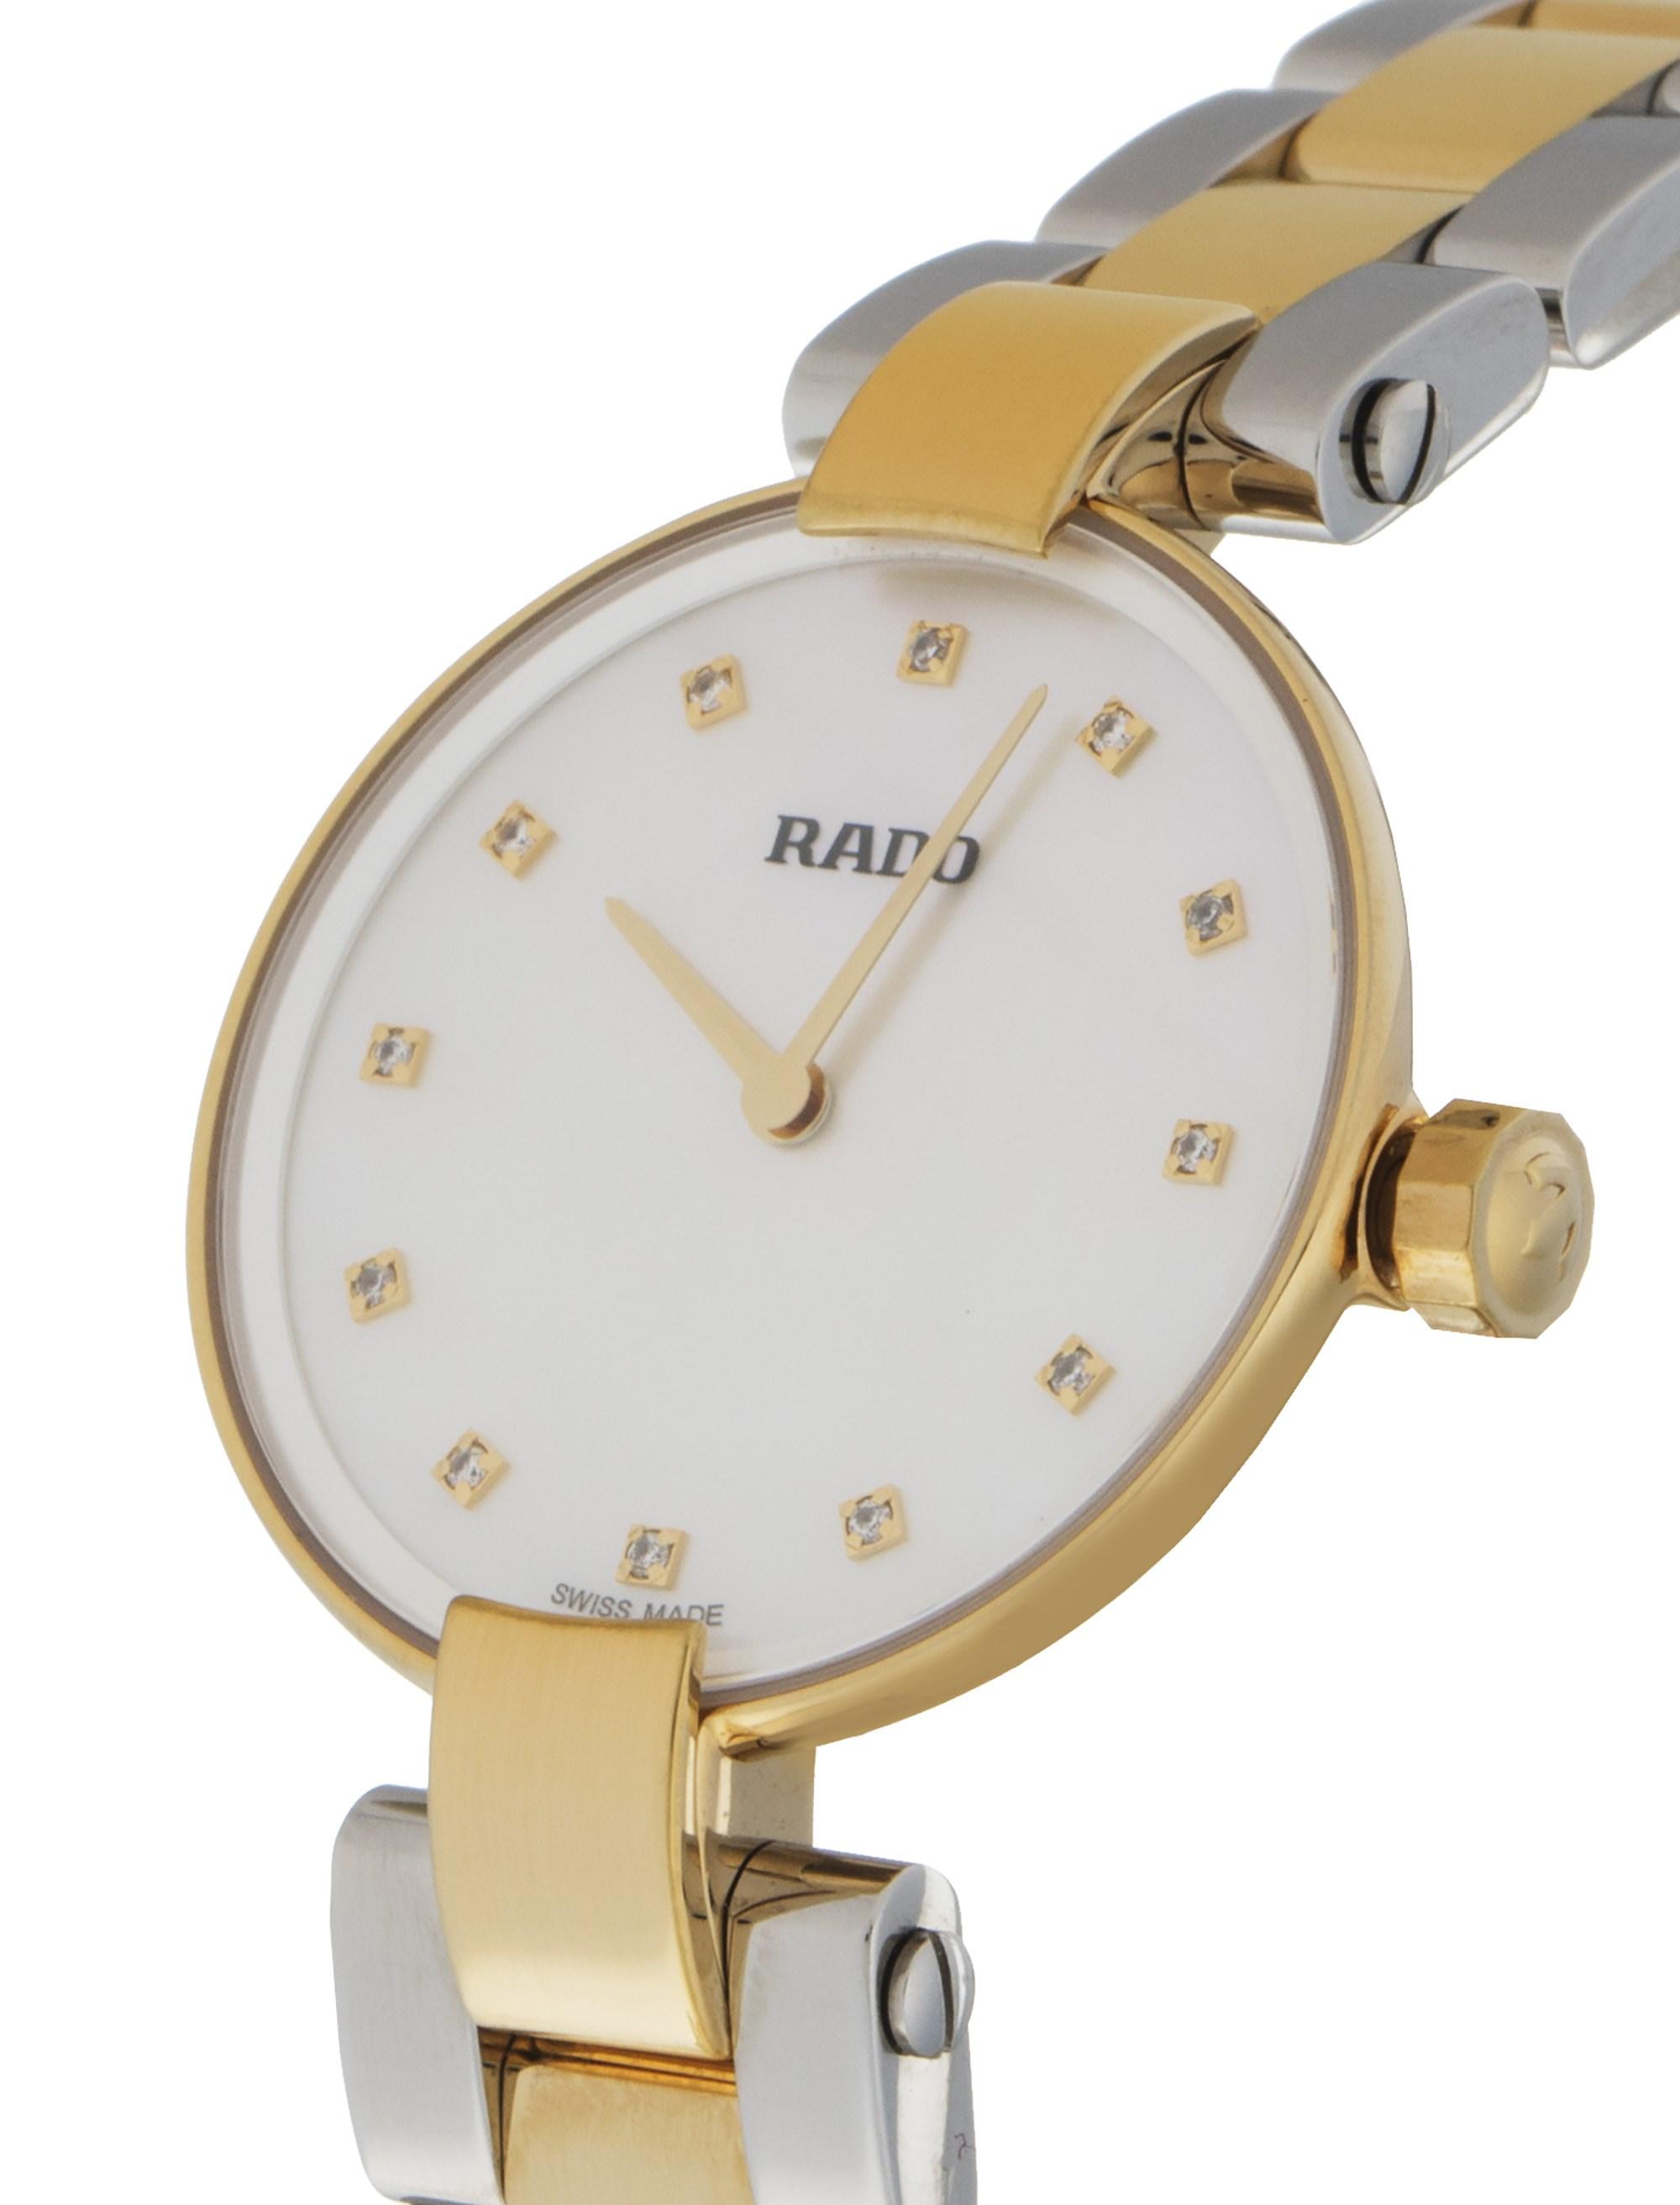 ساعت مچی عقربه ای زنانه - رادو - نقره اي و طلايي - 2